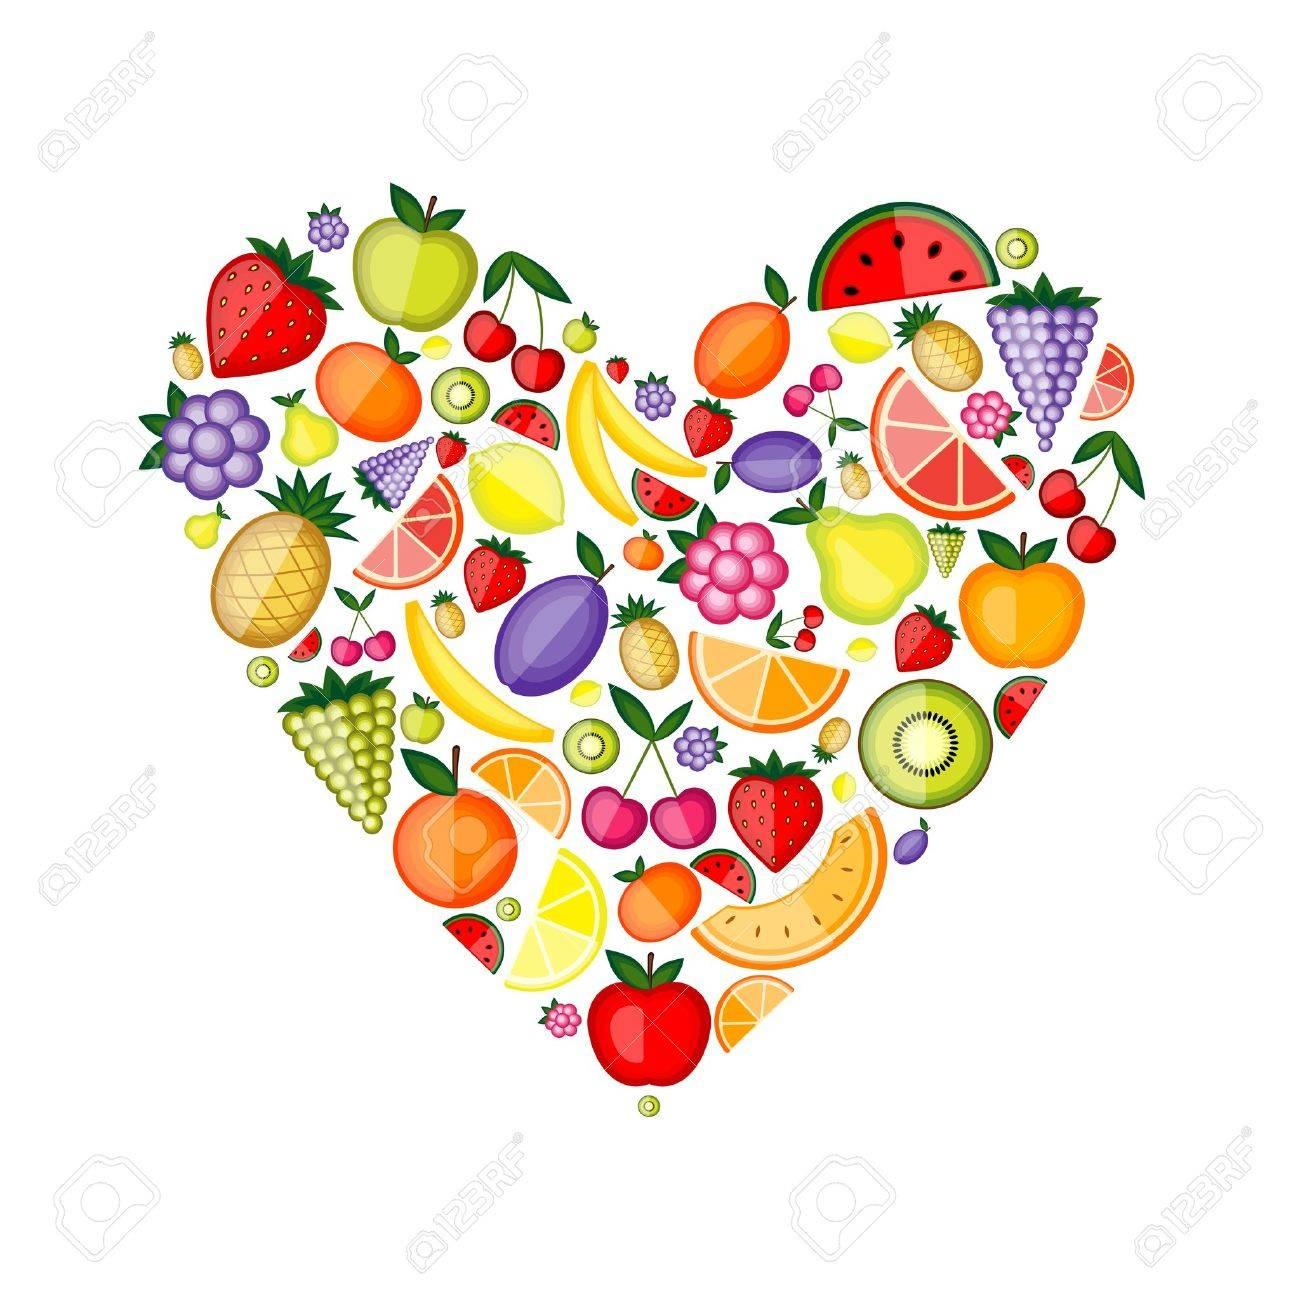 Energy fruit heart shape for your design Stock Vector - 9128641